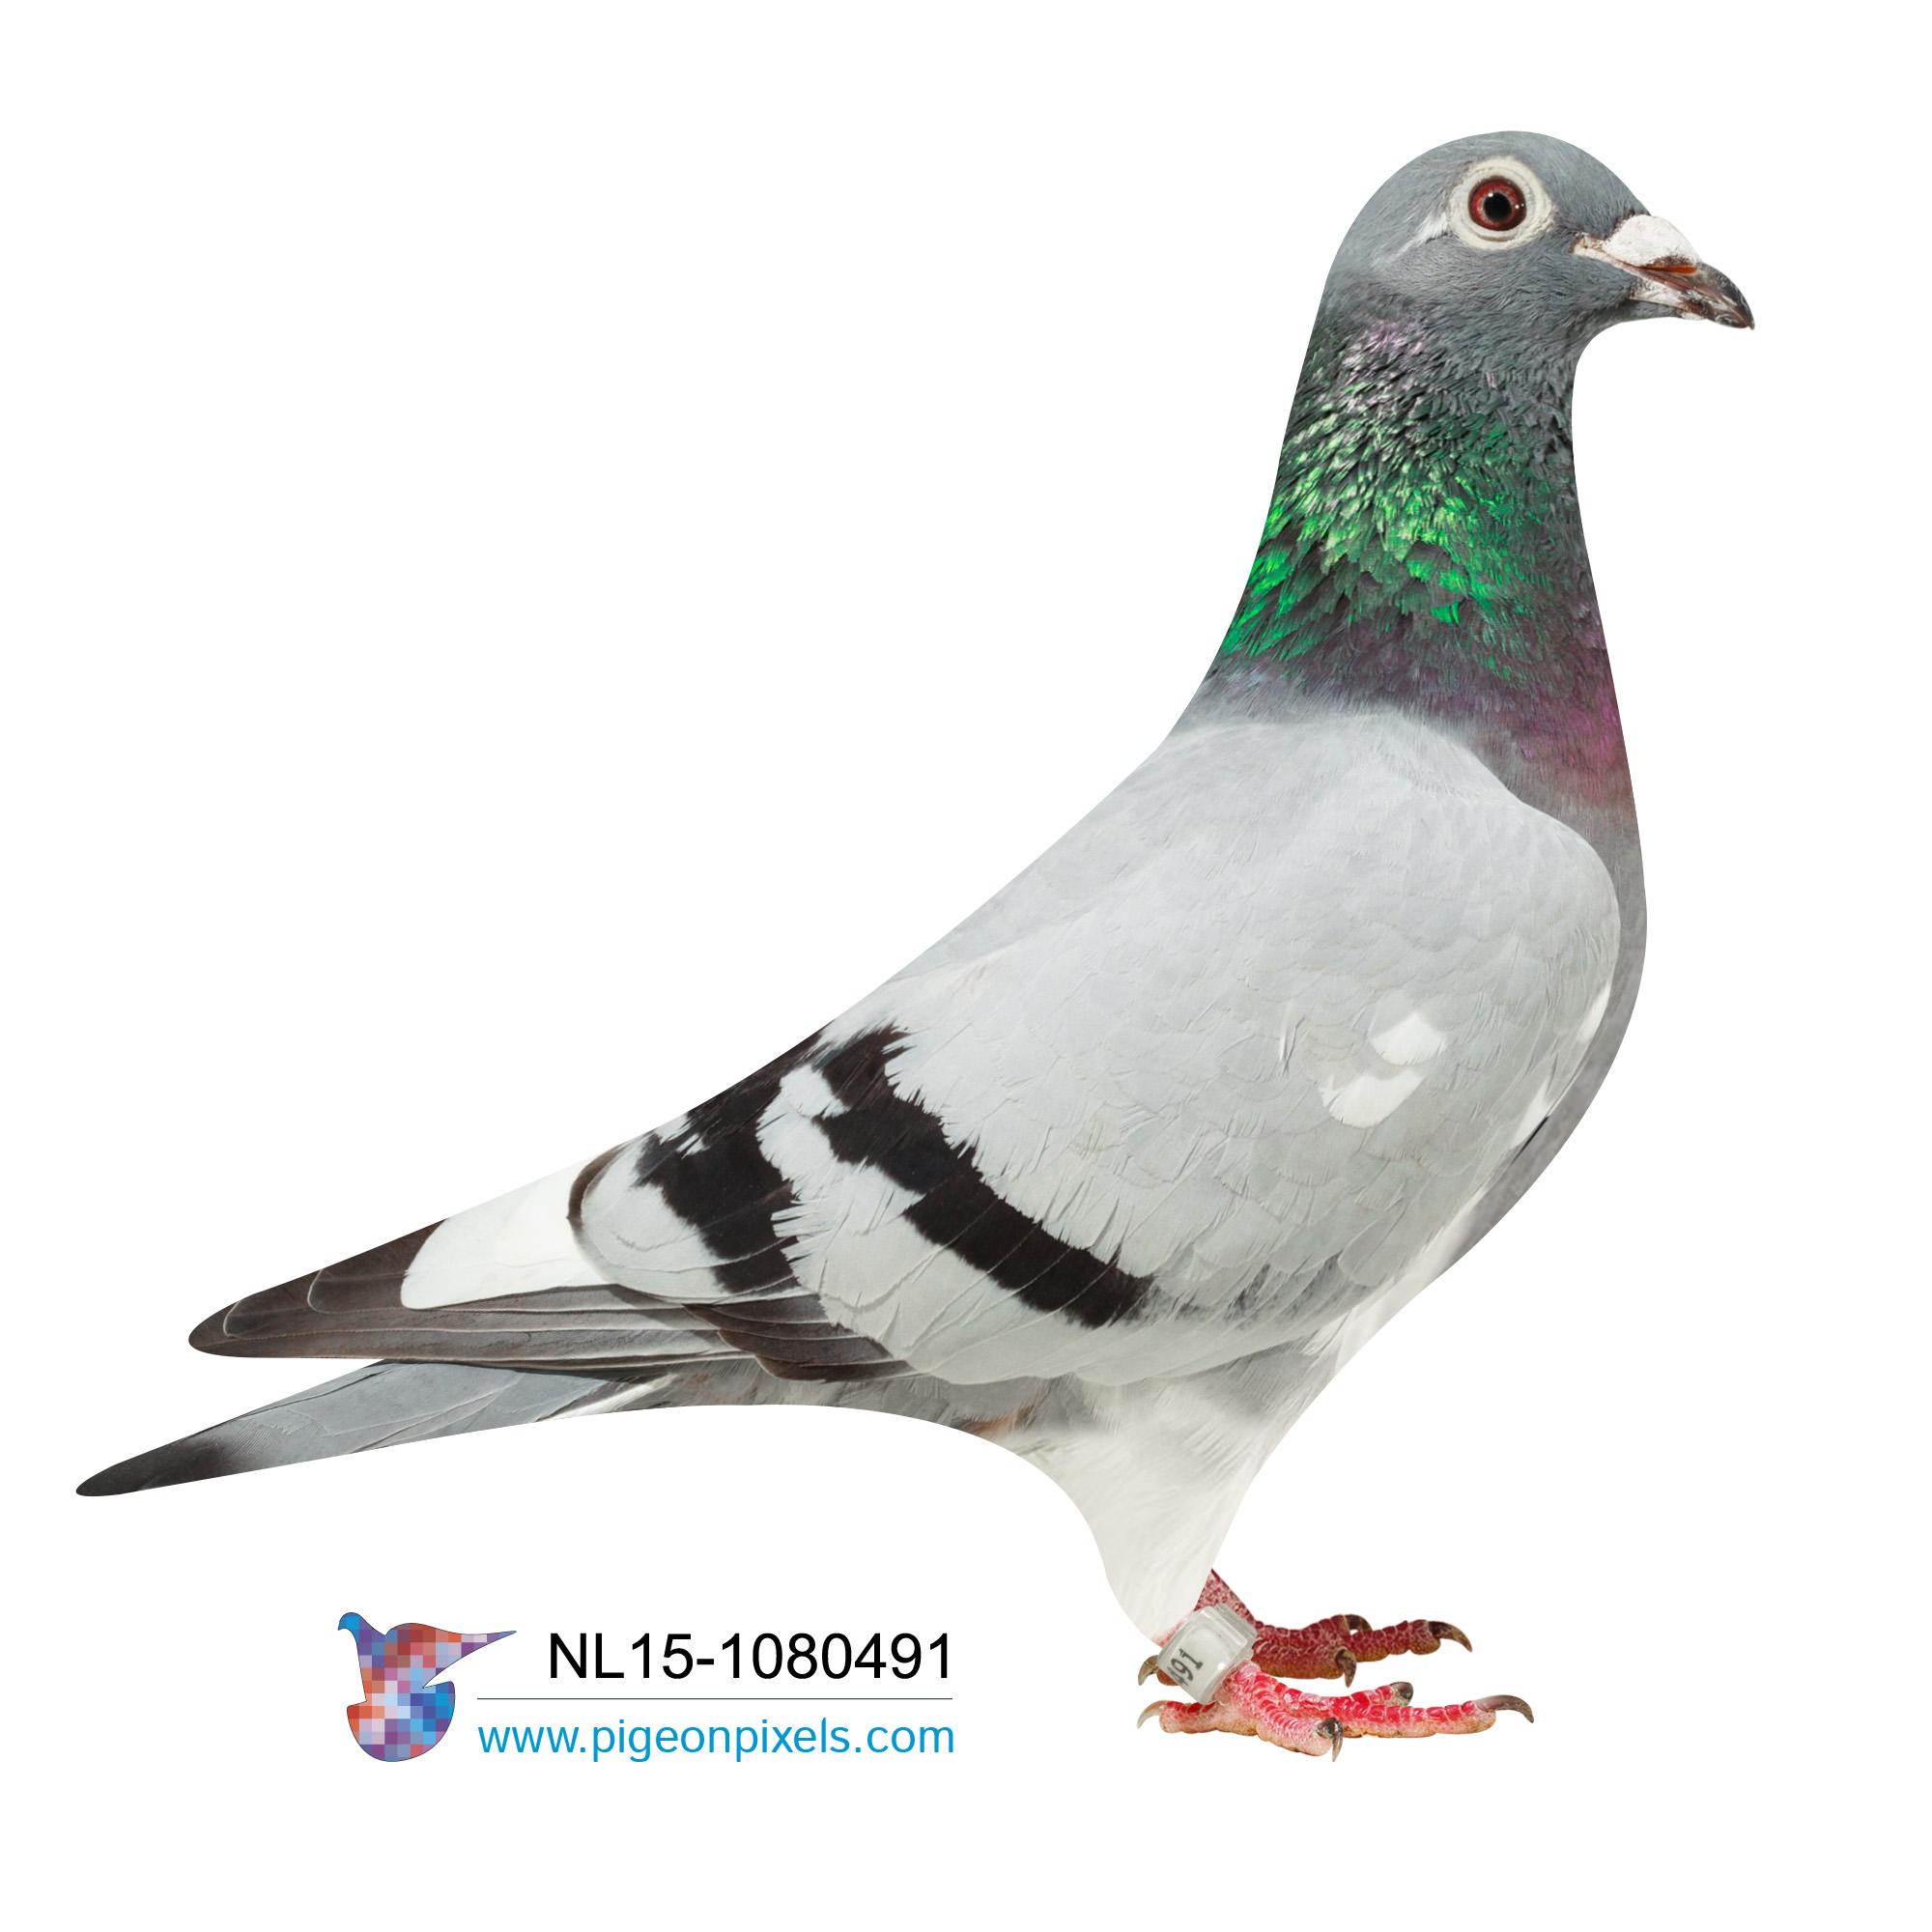 NL2015-1080491 BLUE WHITEFL. HEN, DE KLAK X VAN LOON